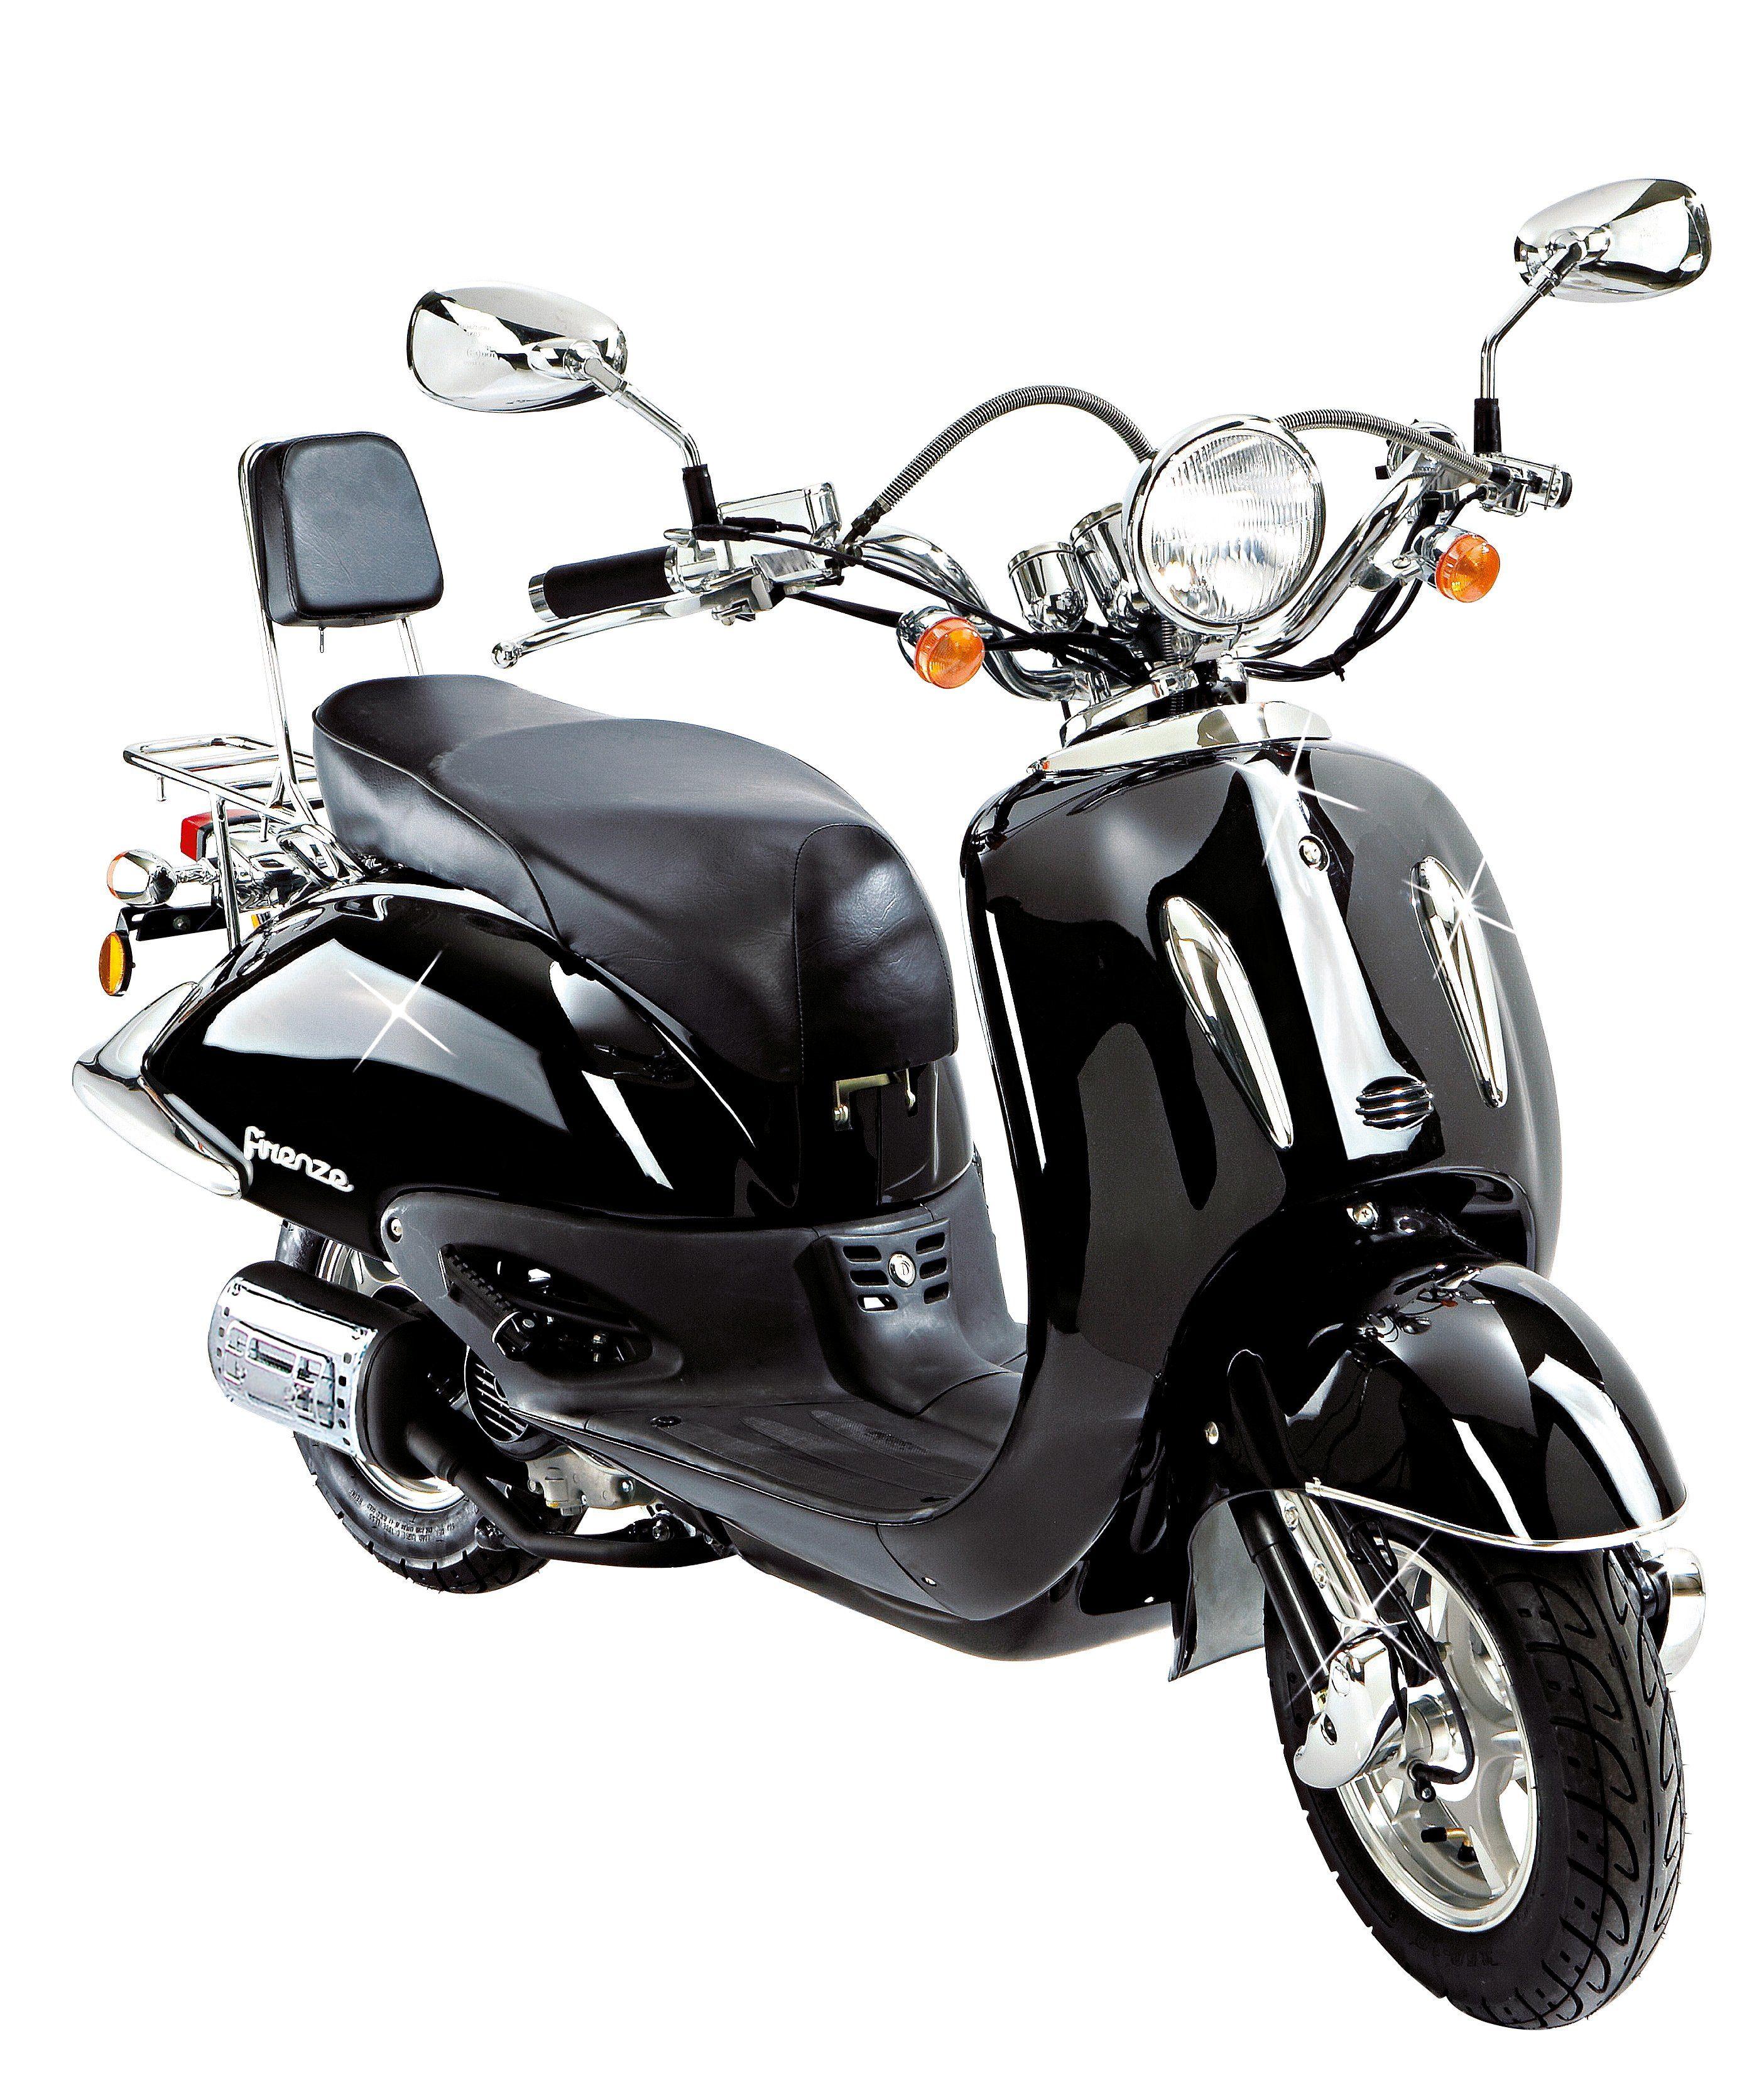 Flex Tech Motorroller »Retro Firenze«, 125 ccm, 85 km/h